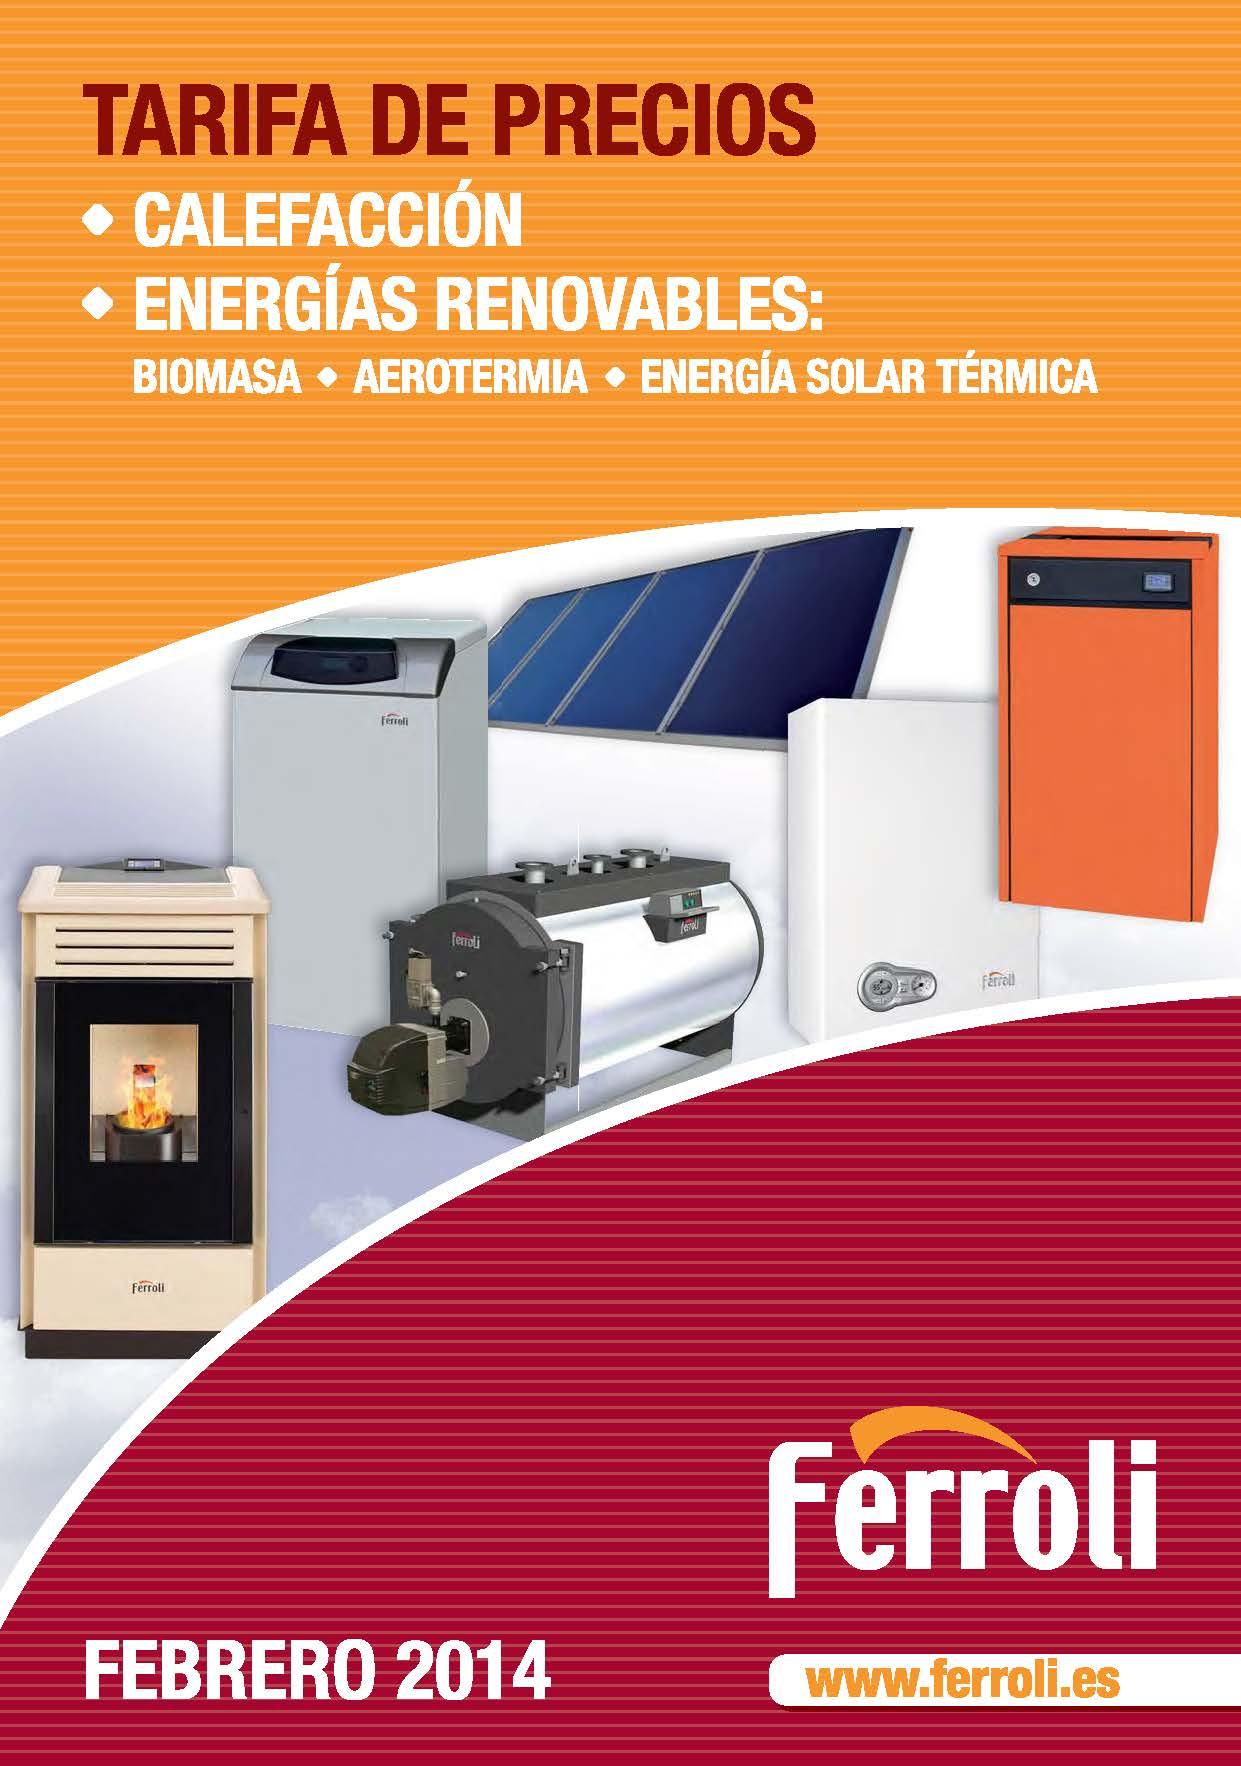 Tarifa calefacción FERROLI 2014